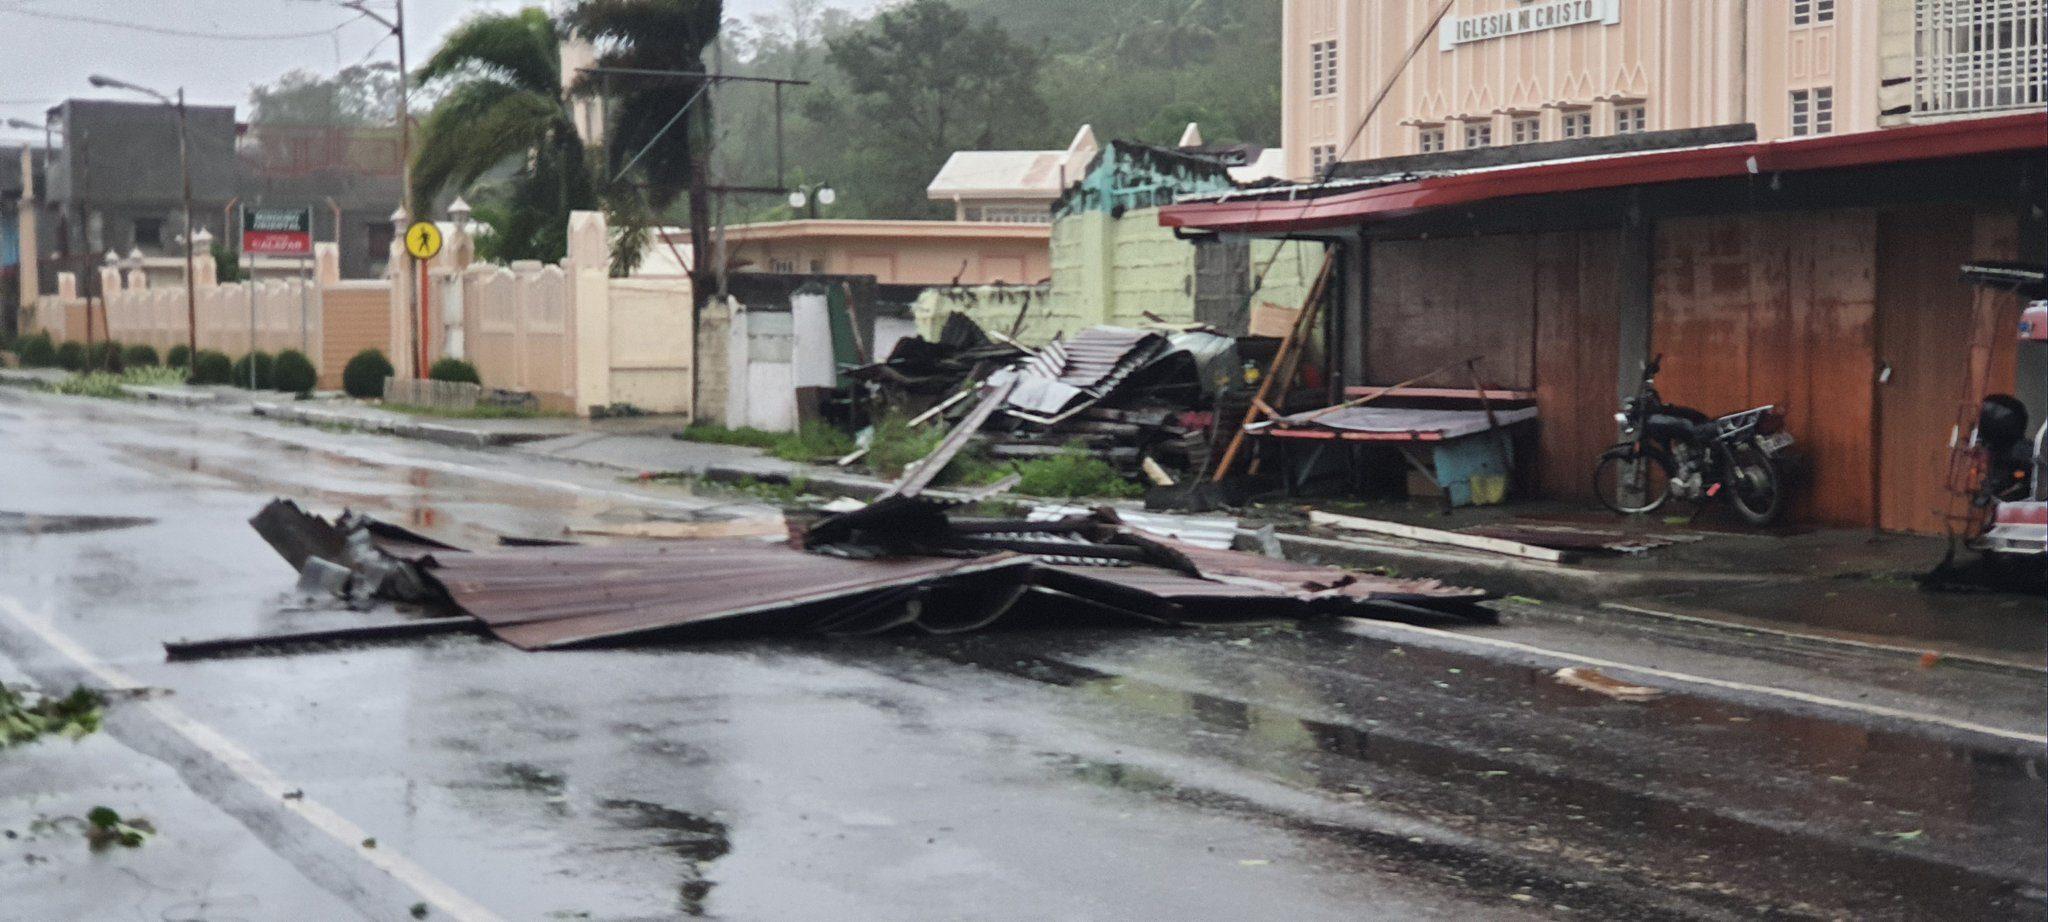 Hình ảnh cơn bão số 9 càn quét Philippines với sức gió mạnh dữ dội: Đã có những thiệt hại đầu tiên 4